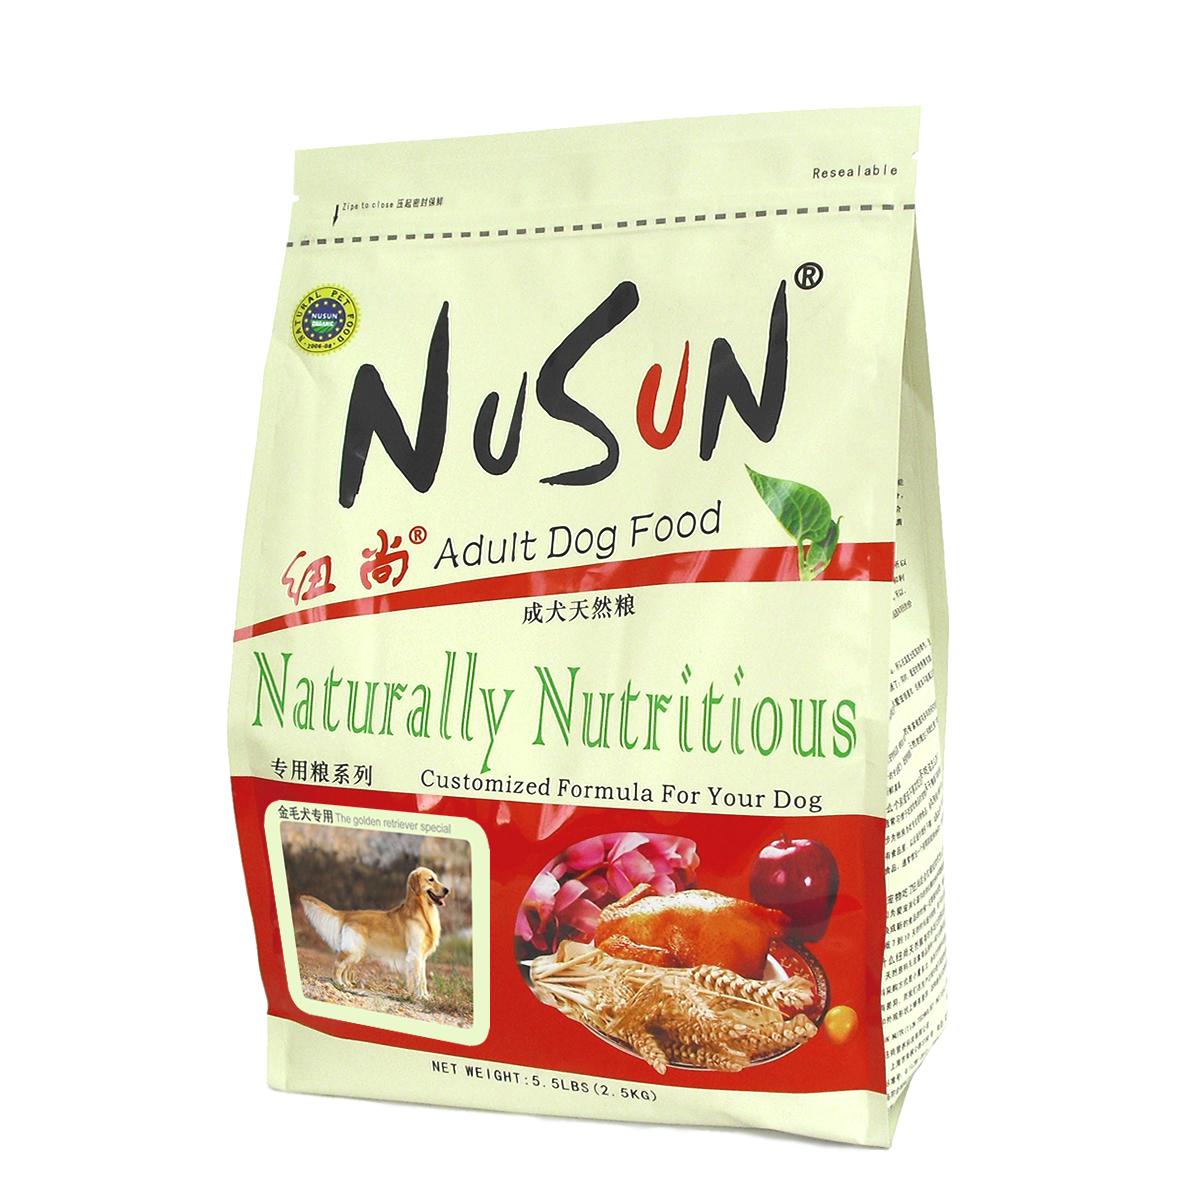 NuSun/纽尚 金毛专用狗粮 成犬天然粮2.5kg优惠券